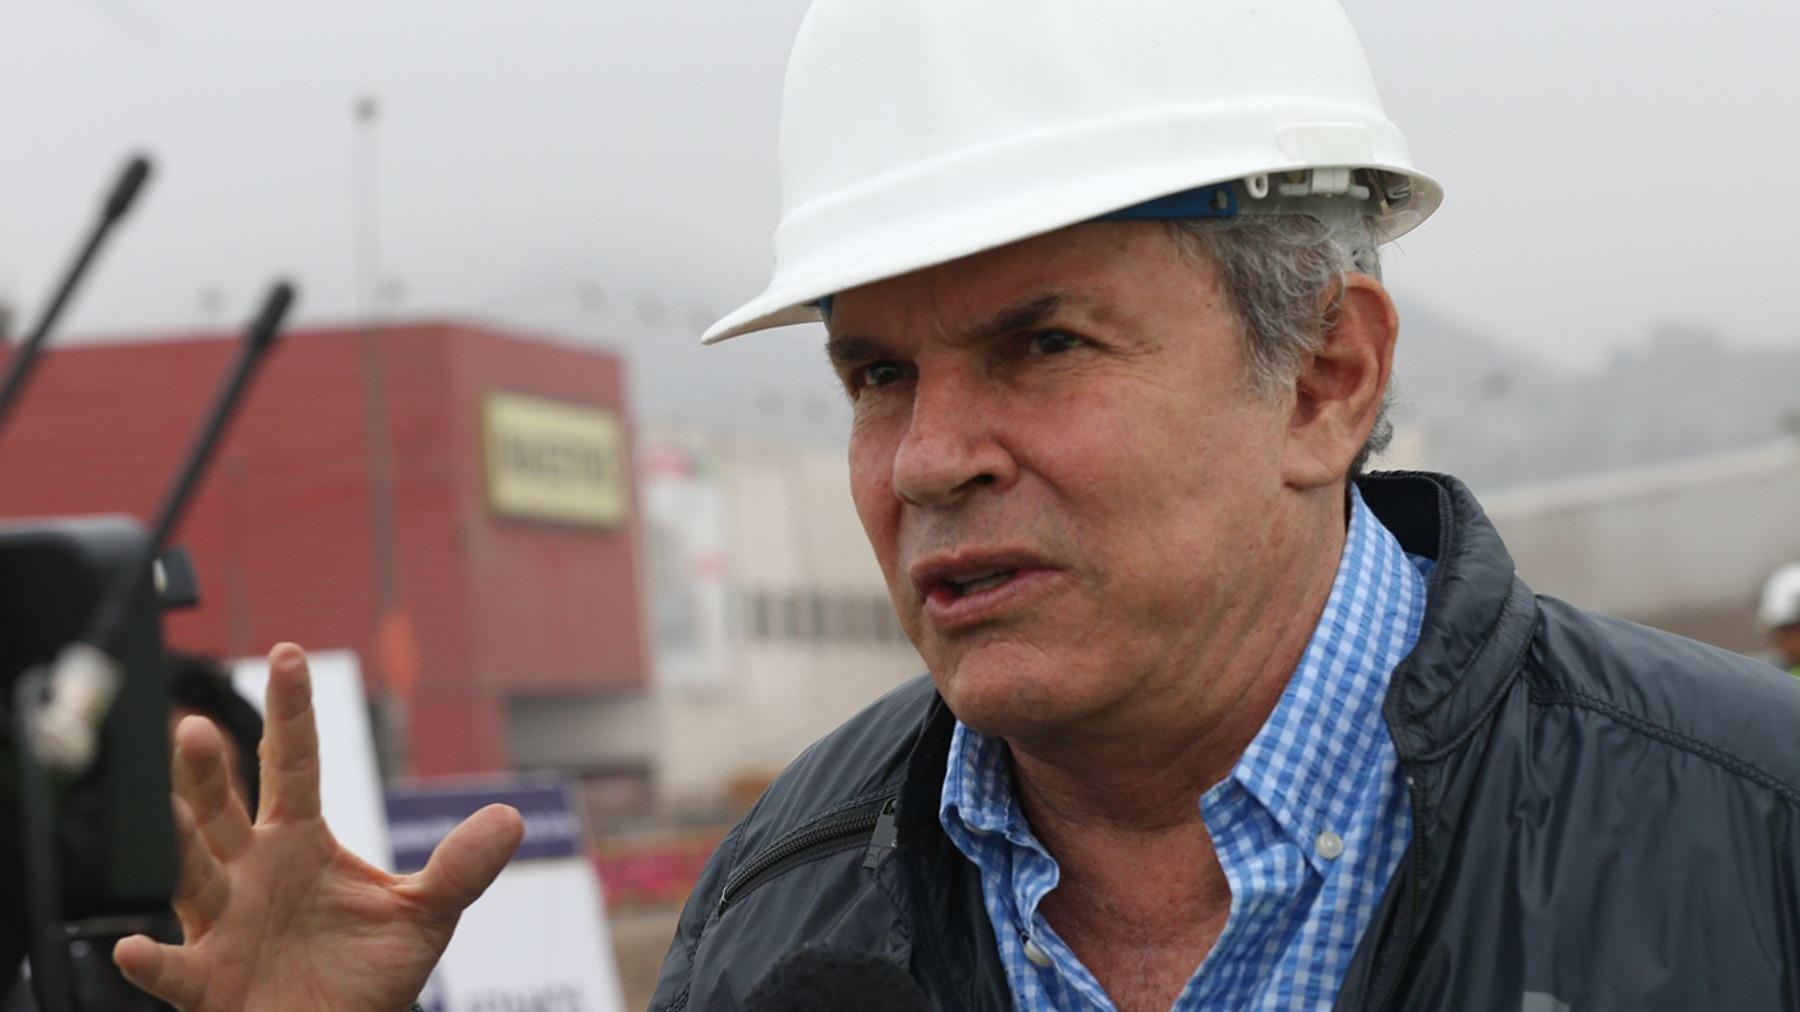 Luis Castañeda Lossio no postulará a la reelección en Lima, ya que la ley lo prohíbe. En su lugar participará Luis Castañeda Pardo, también con Solidaridad Nacional.